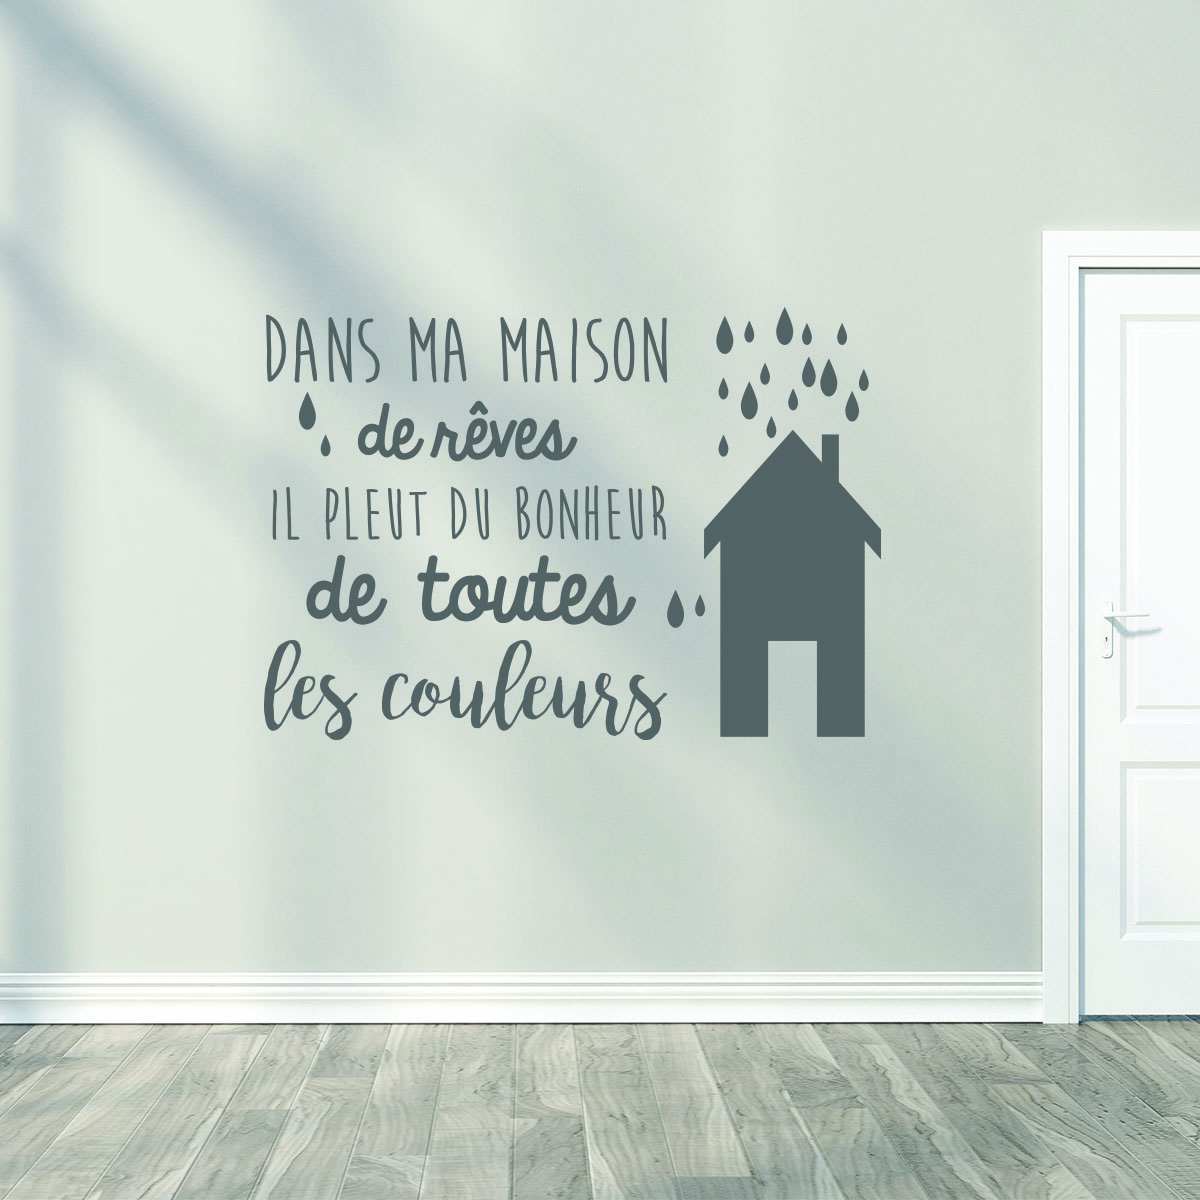 sticker dans ma maison de r ves stickers citations fran ais ambiance sticker. Black Bedroom Furniture Sets. Home Design Ideas